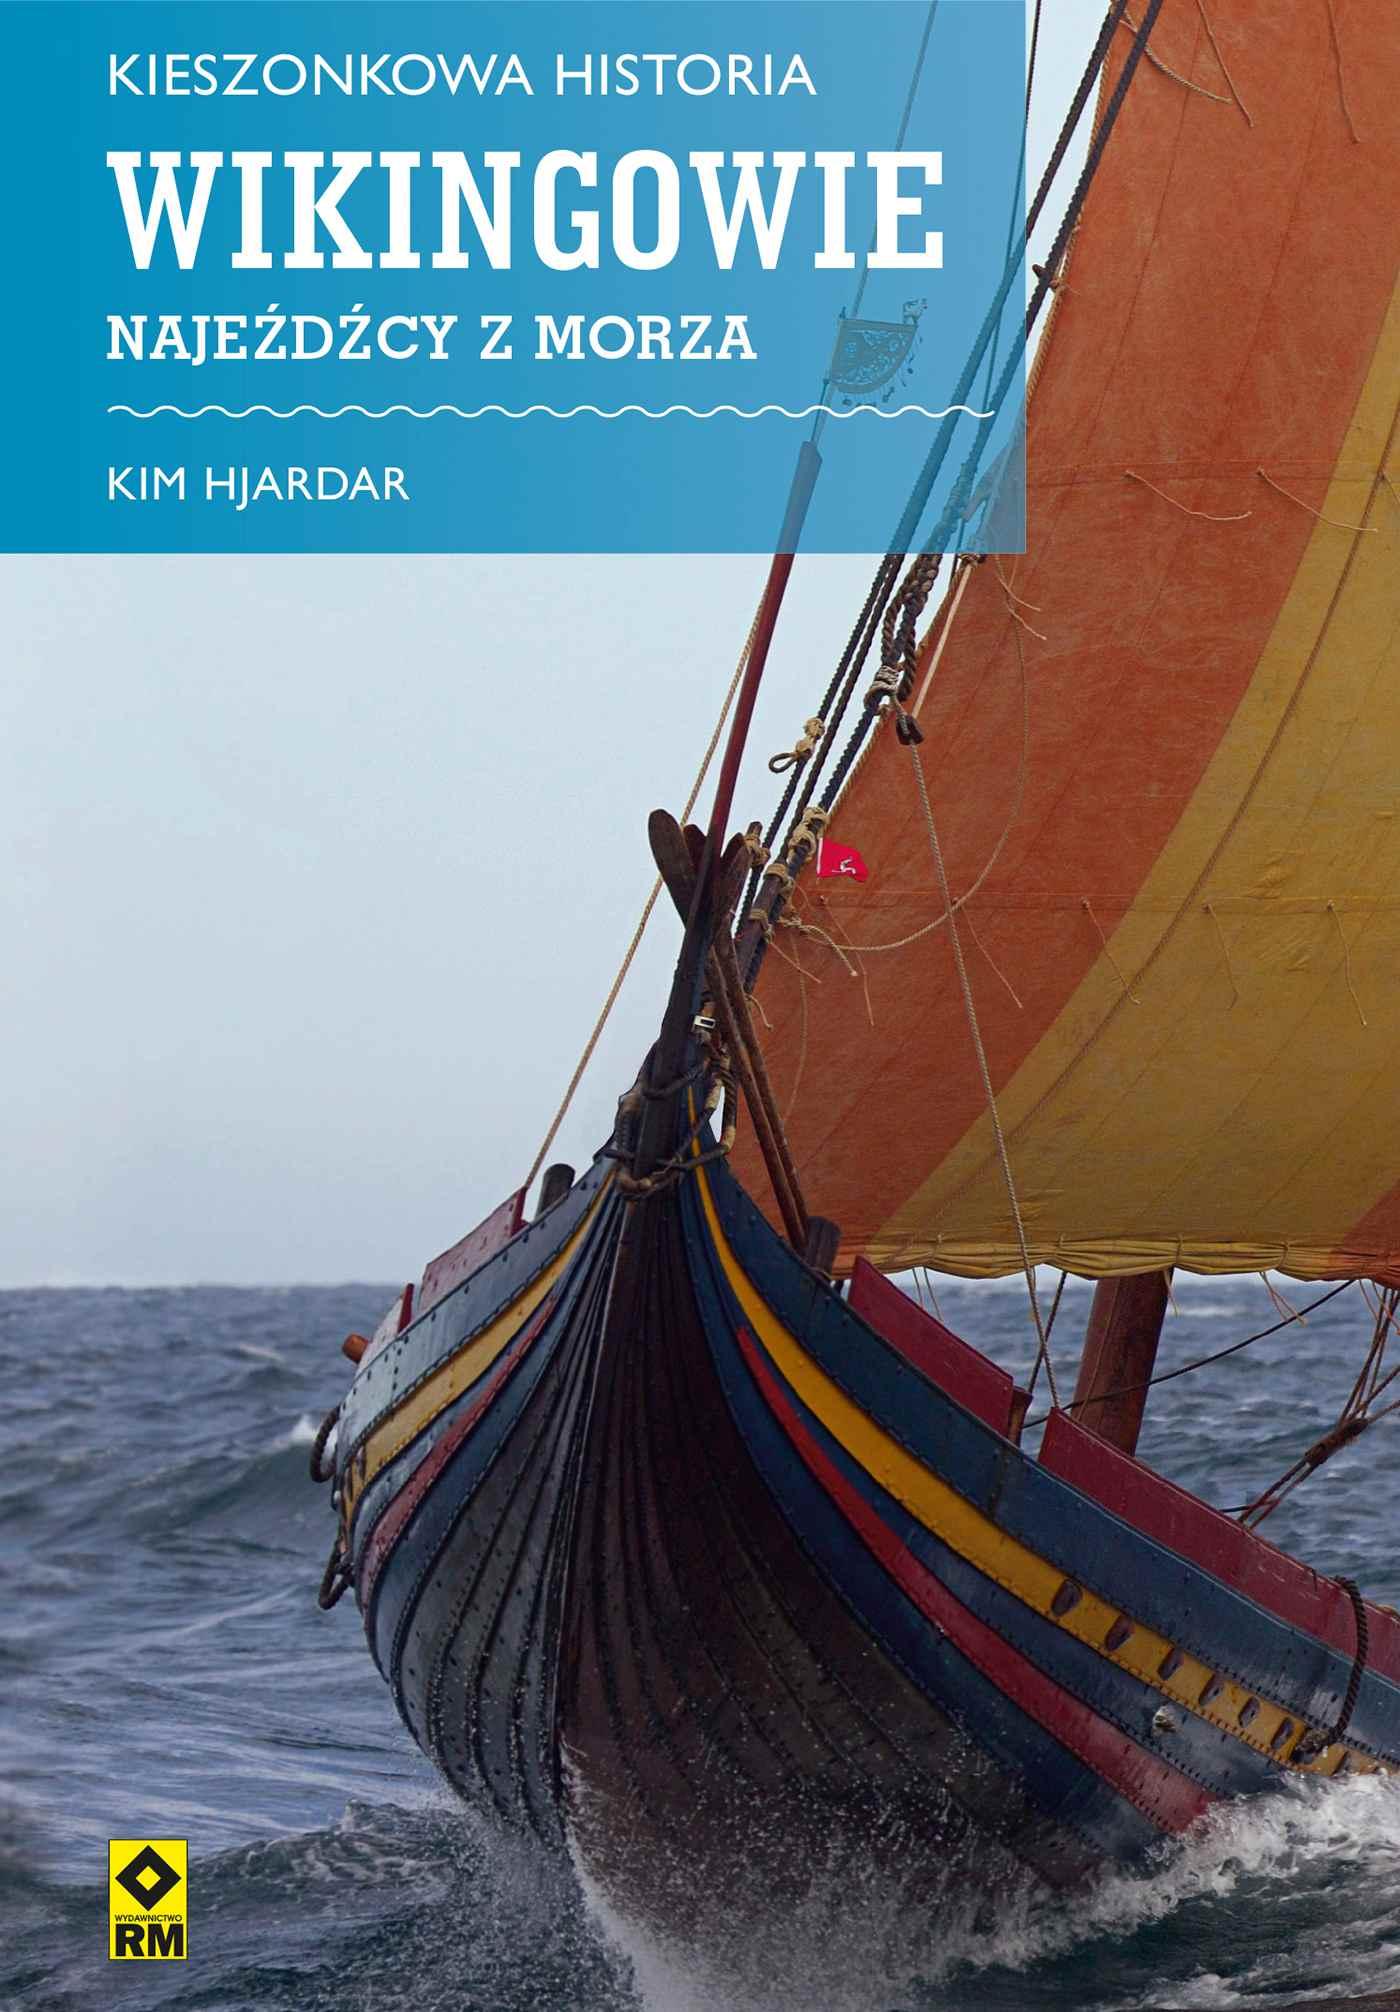 Wikingowie. Najeźdźcy z morza - Ebook (Książka na Kindle) do pobrania w formacie MOBI